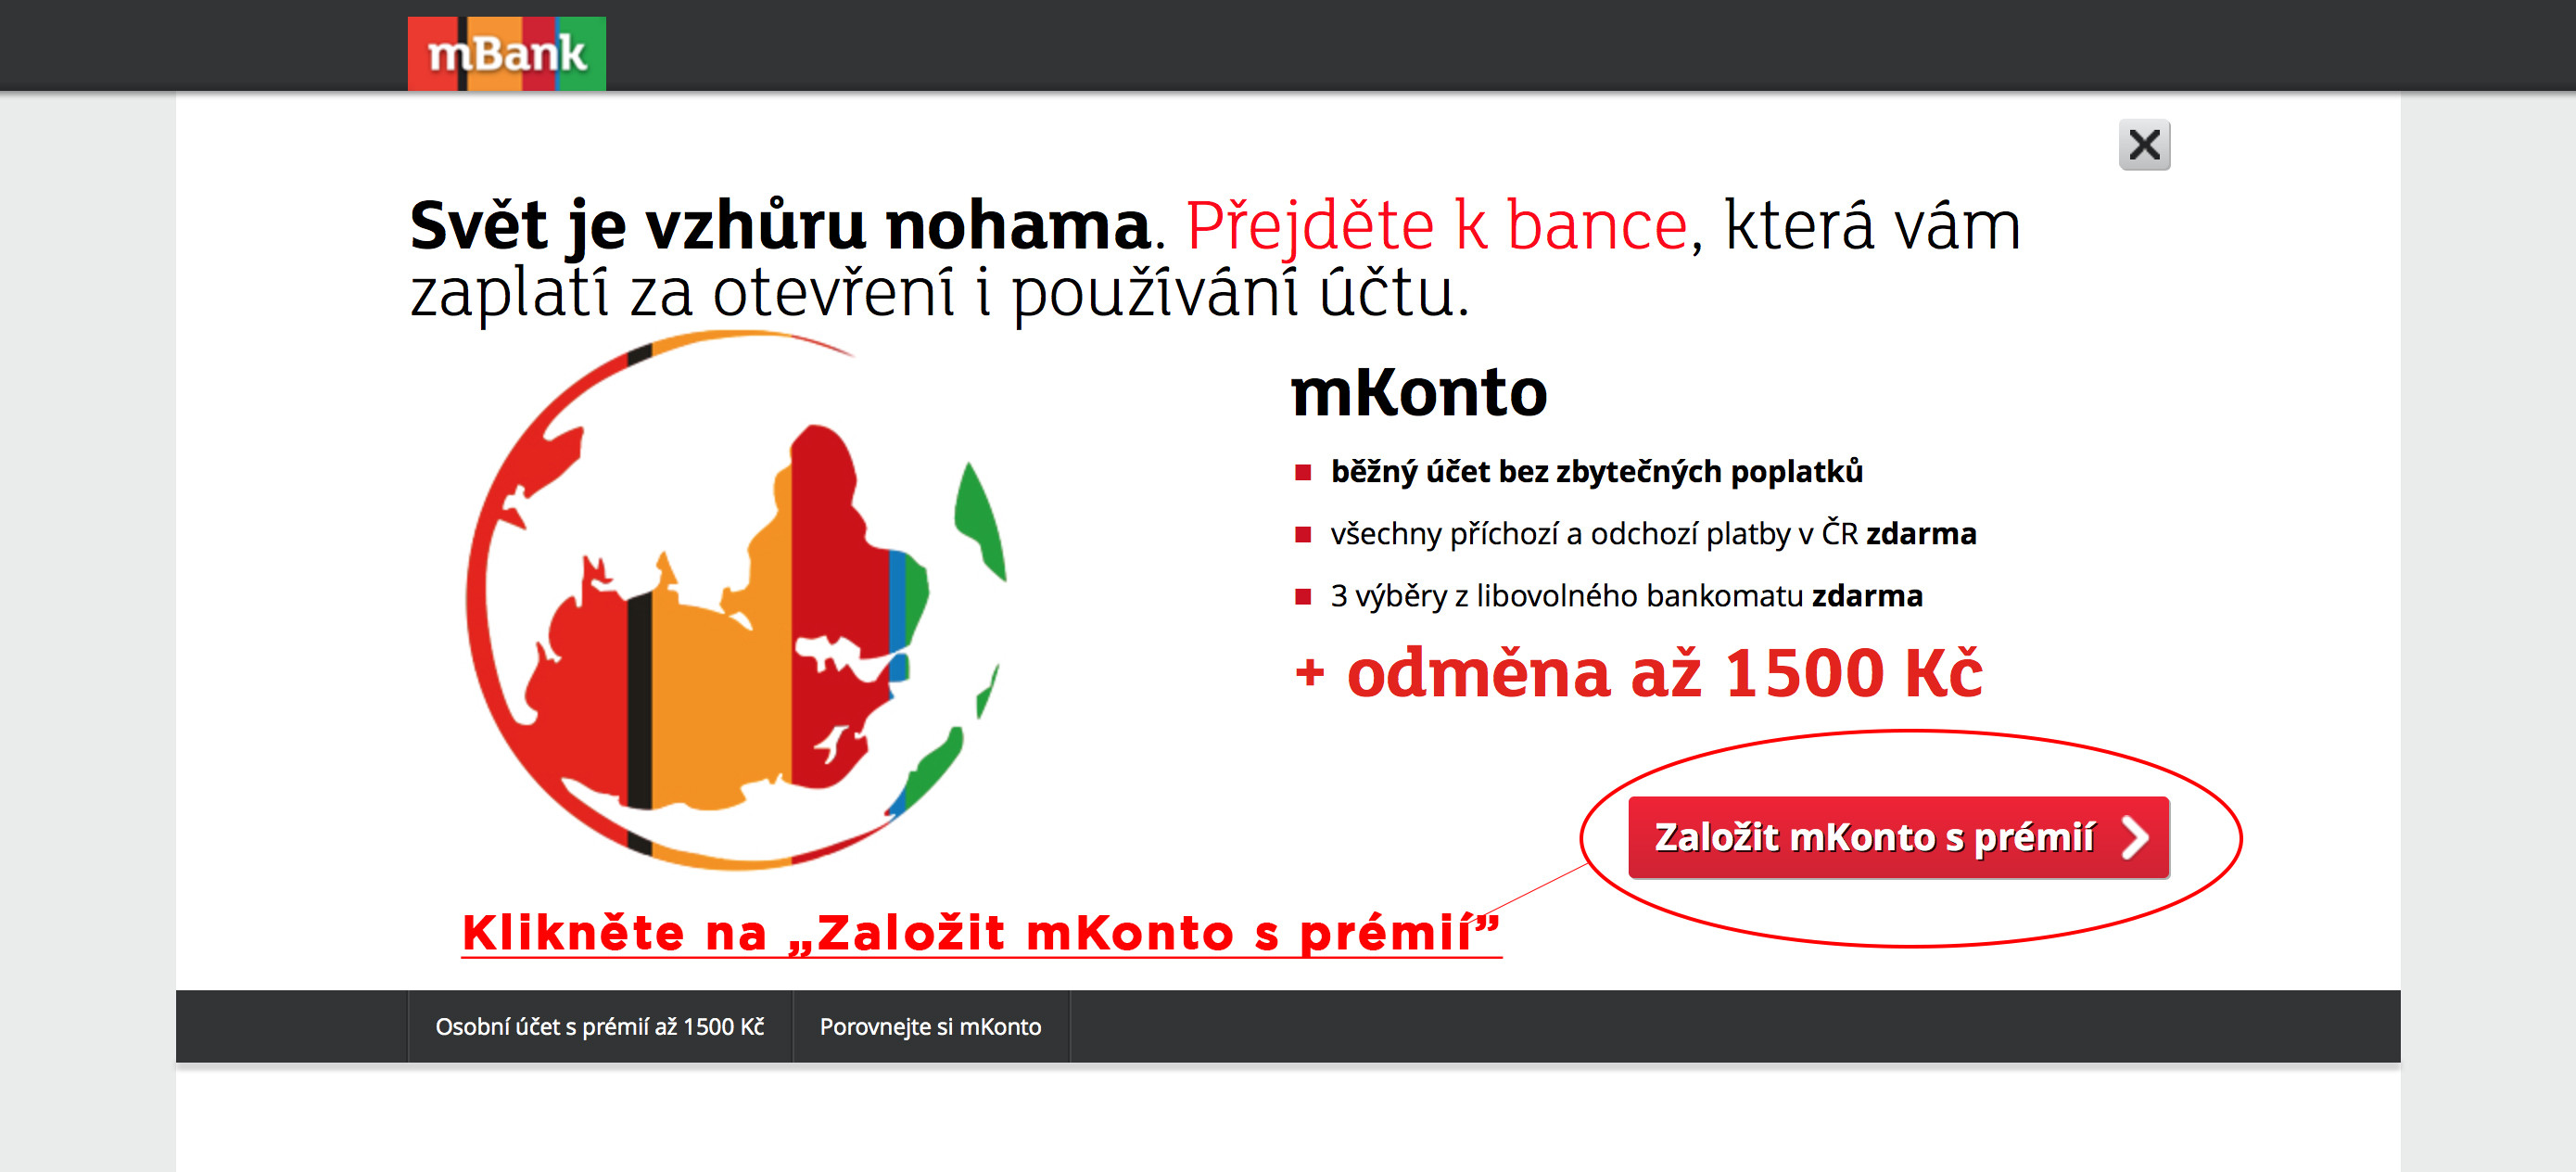 mkonto mbank